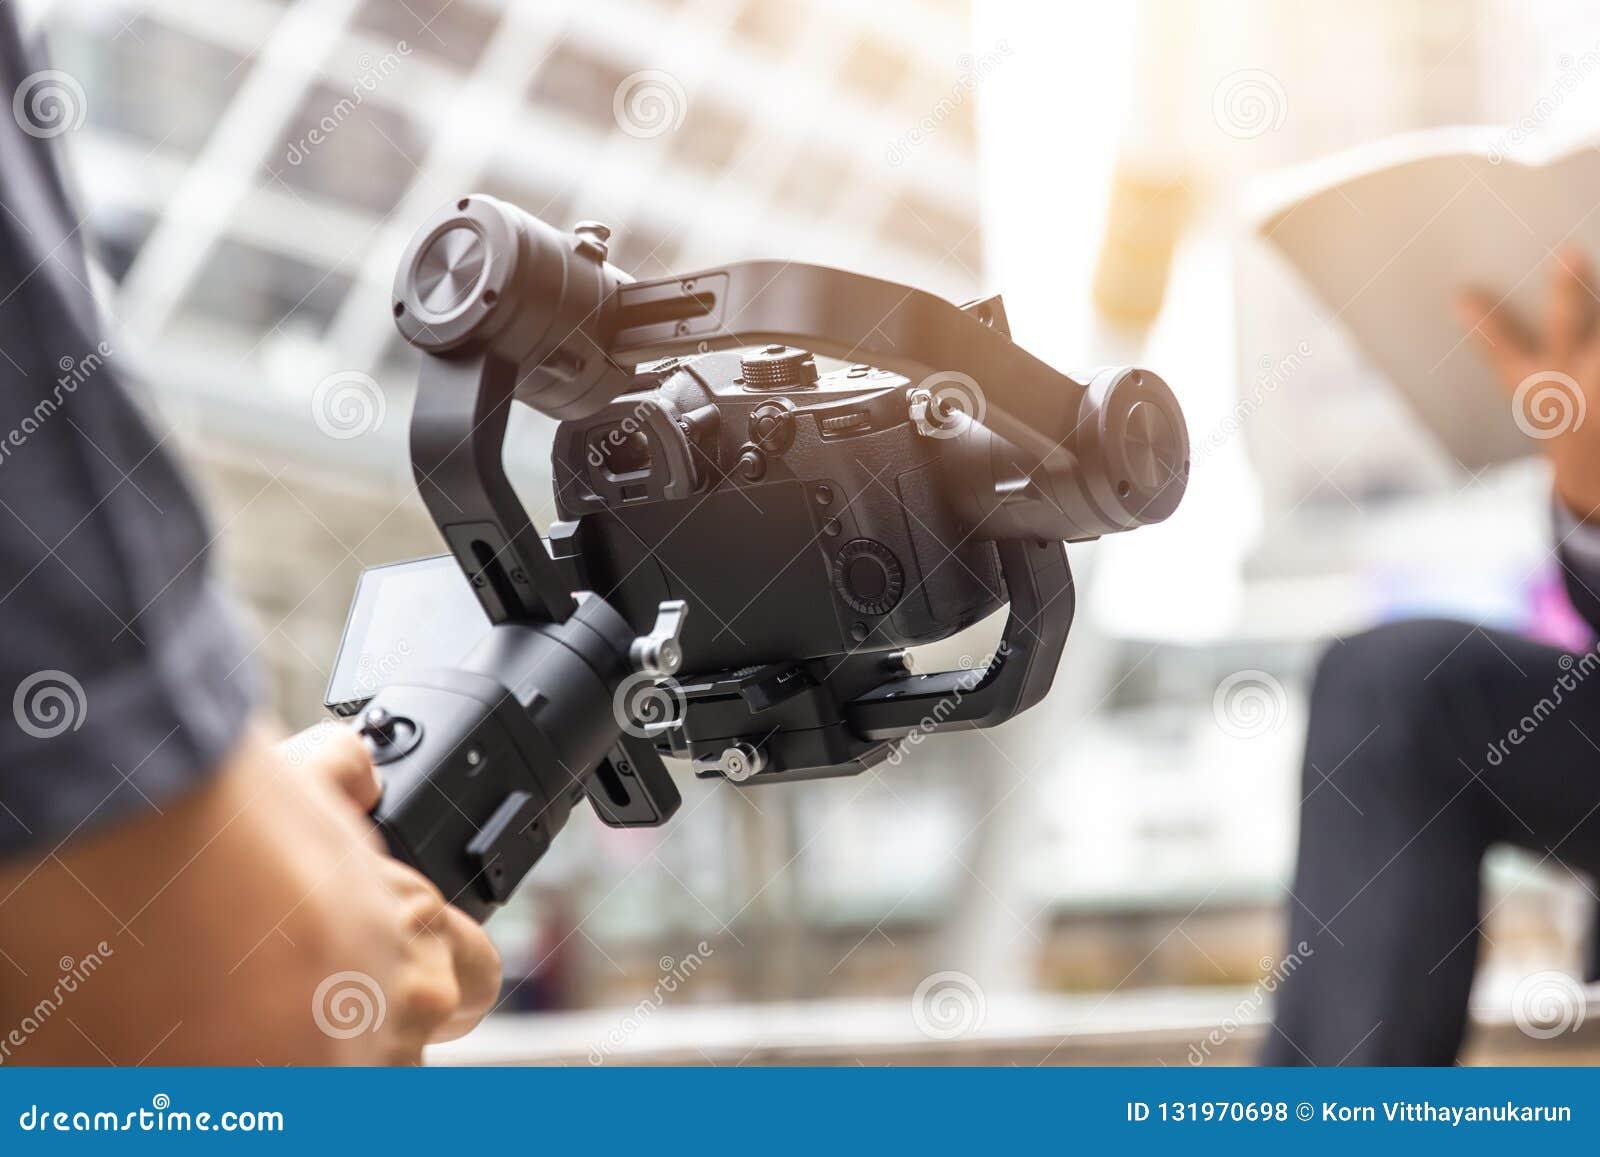 Μηχανοποιημένος αναρτήρας, videographer χρησιμοποιώντας dslr το αντι εργαλείο κουνημάτων καμερών